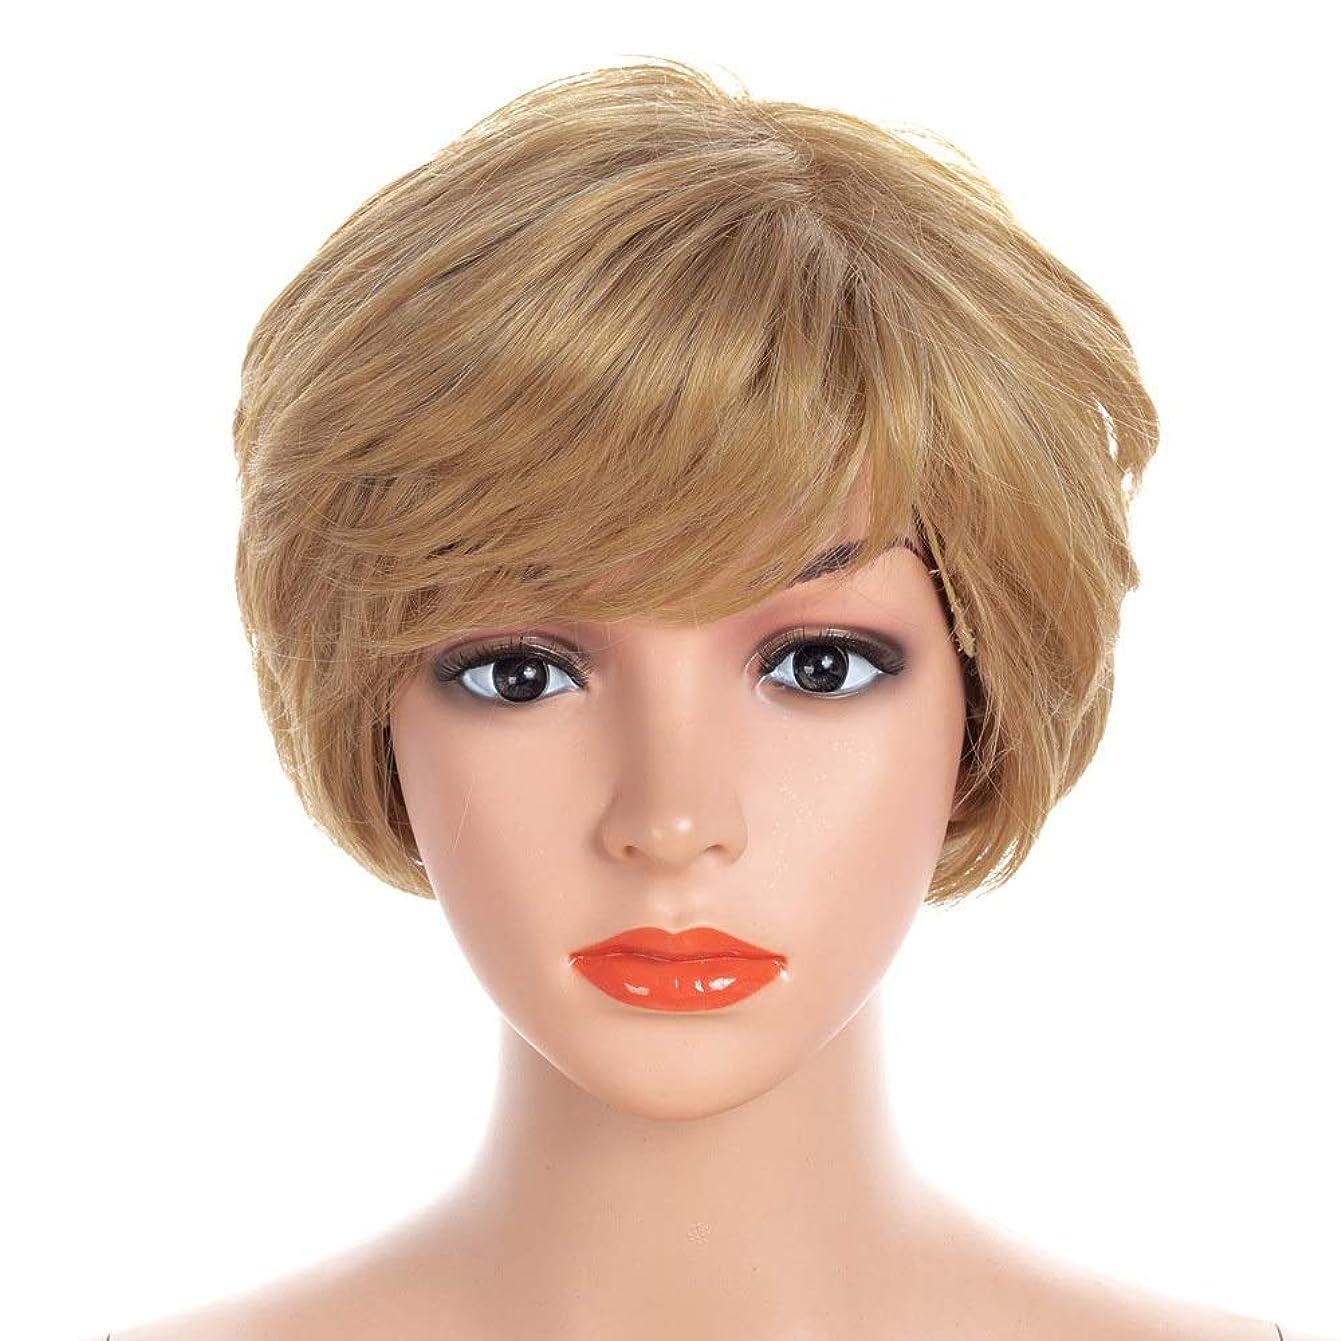 悲鳴航海のバタフライIsikawan 無料のヘアネットコスプレパーティードレス付き人工毛ボブショートカーリーブロンド (色 : Blonde, サイズ : 30cm)